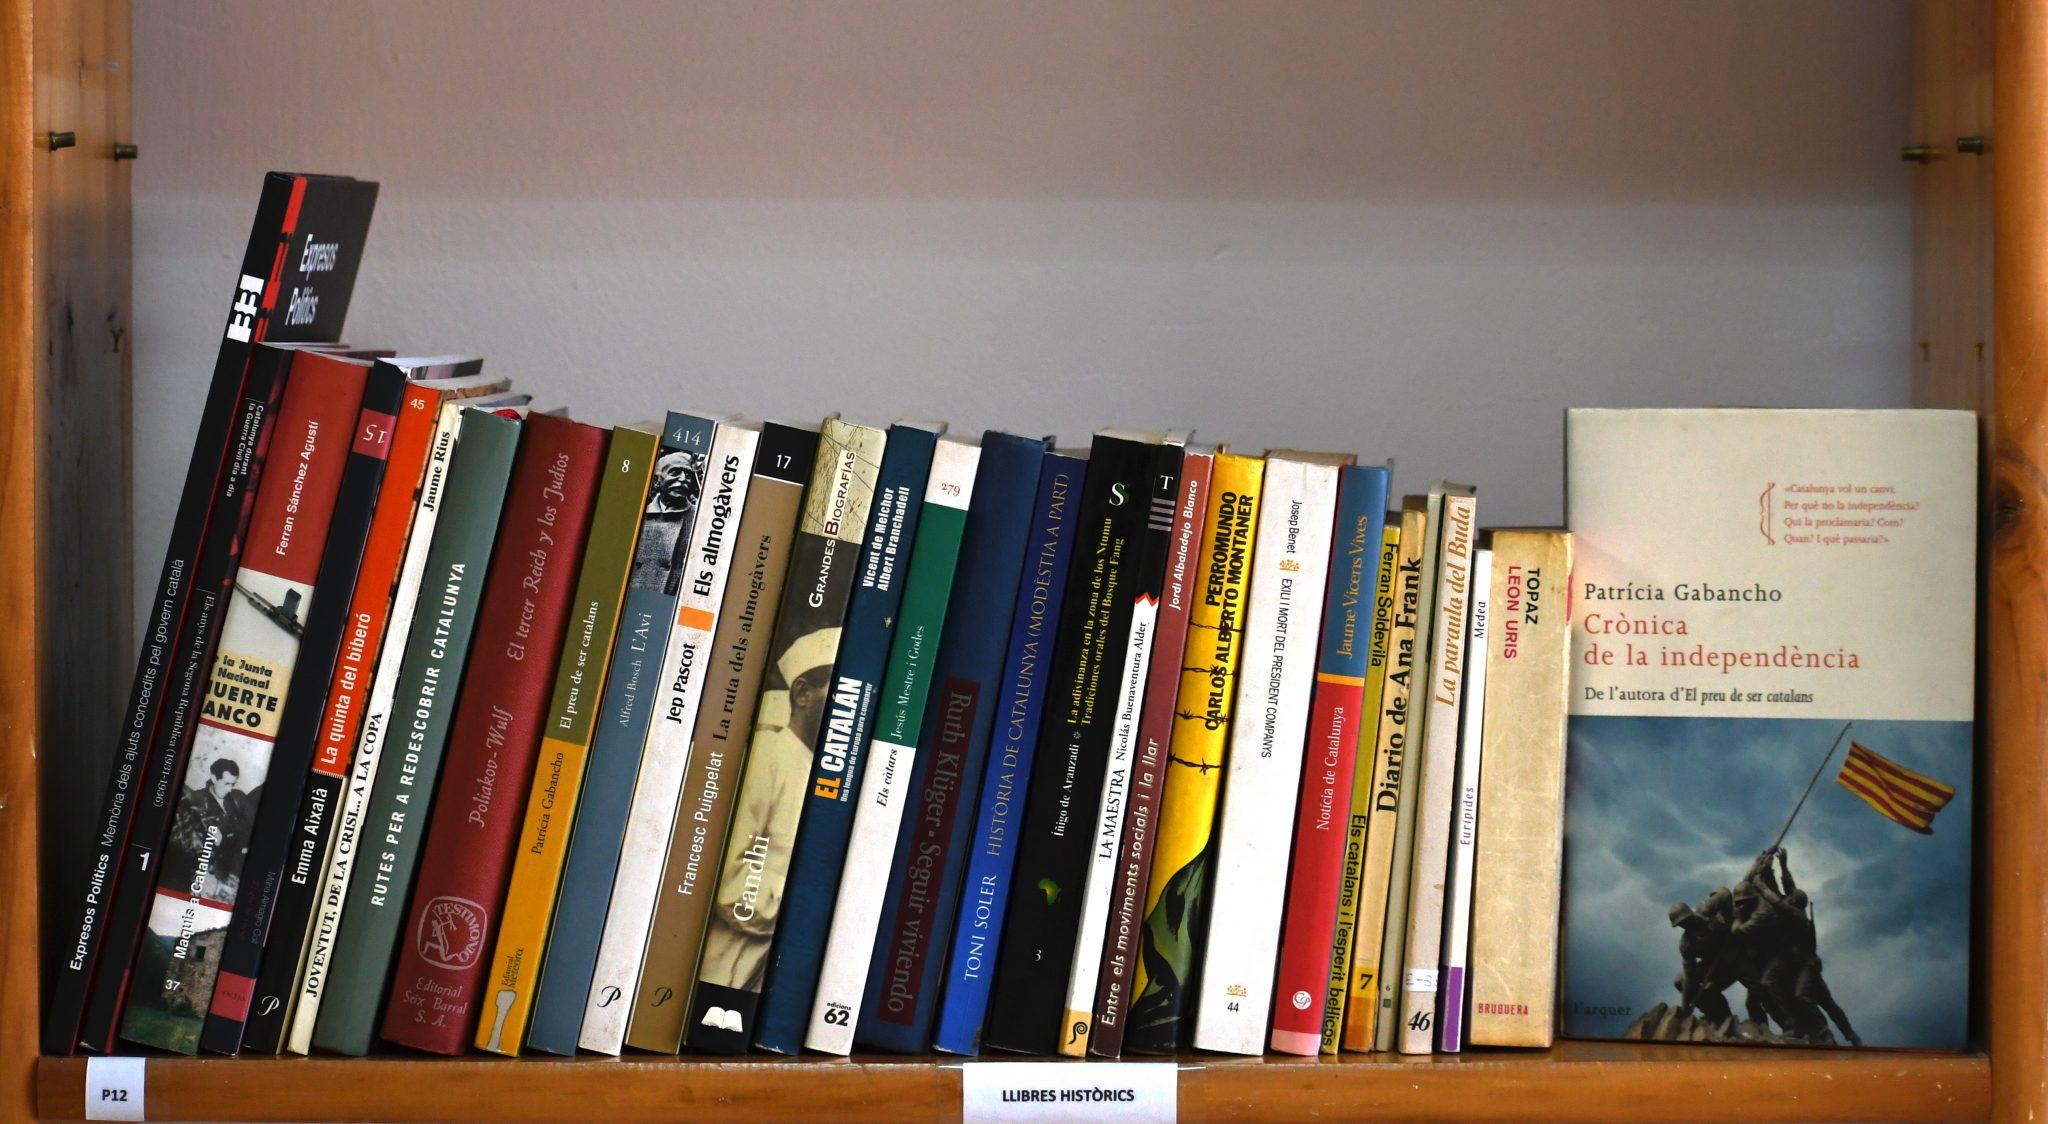 Llibres històrics